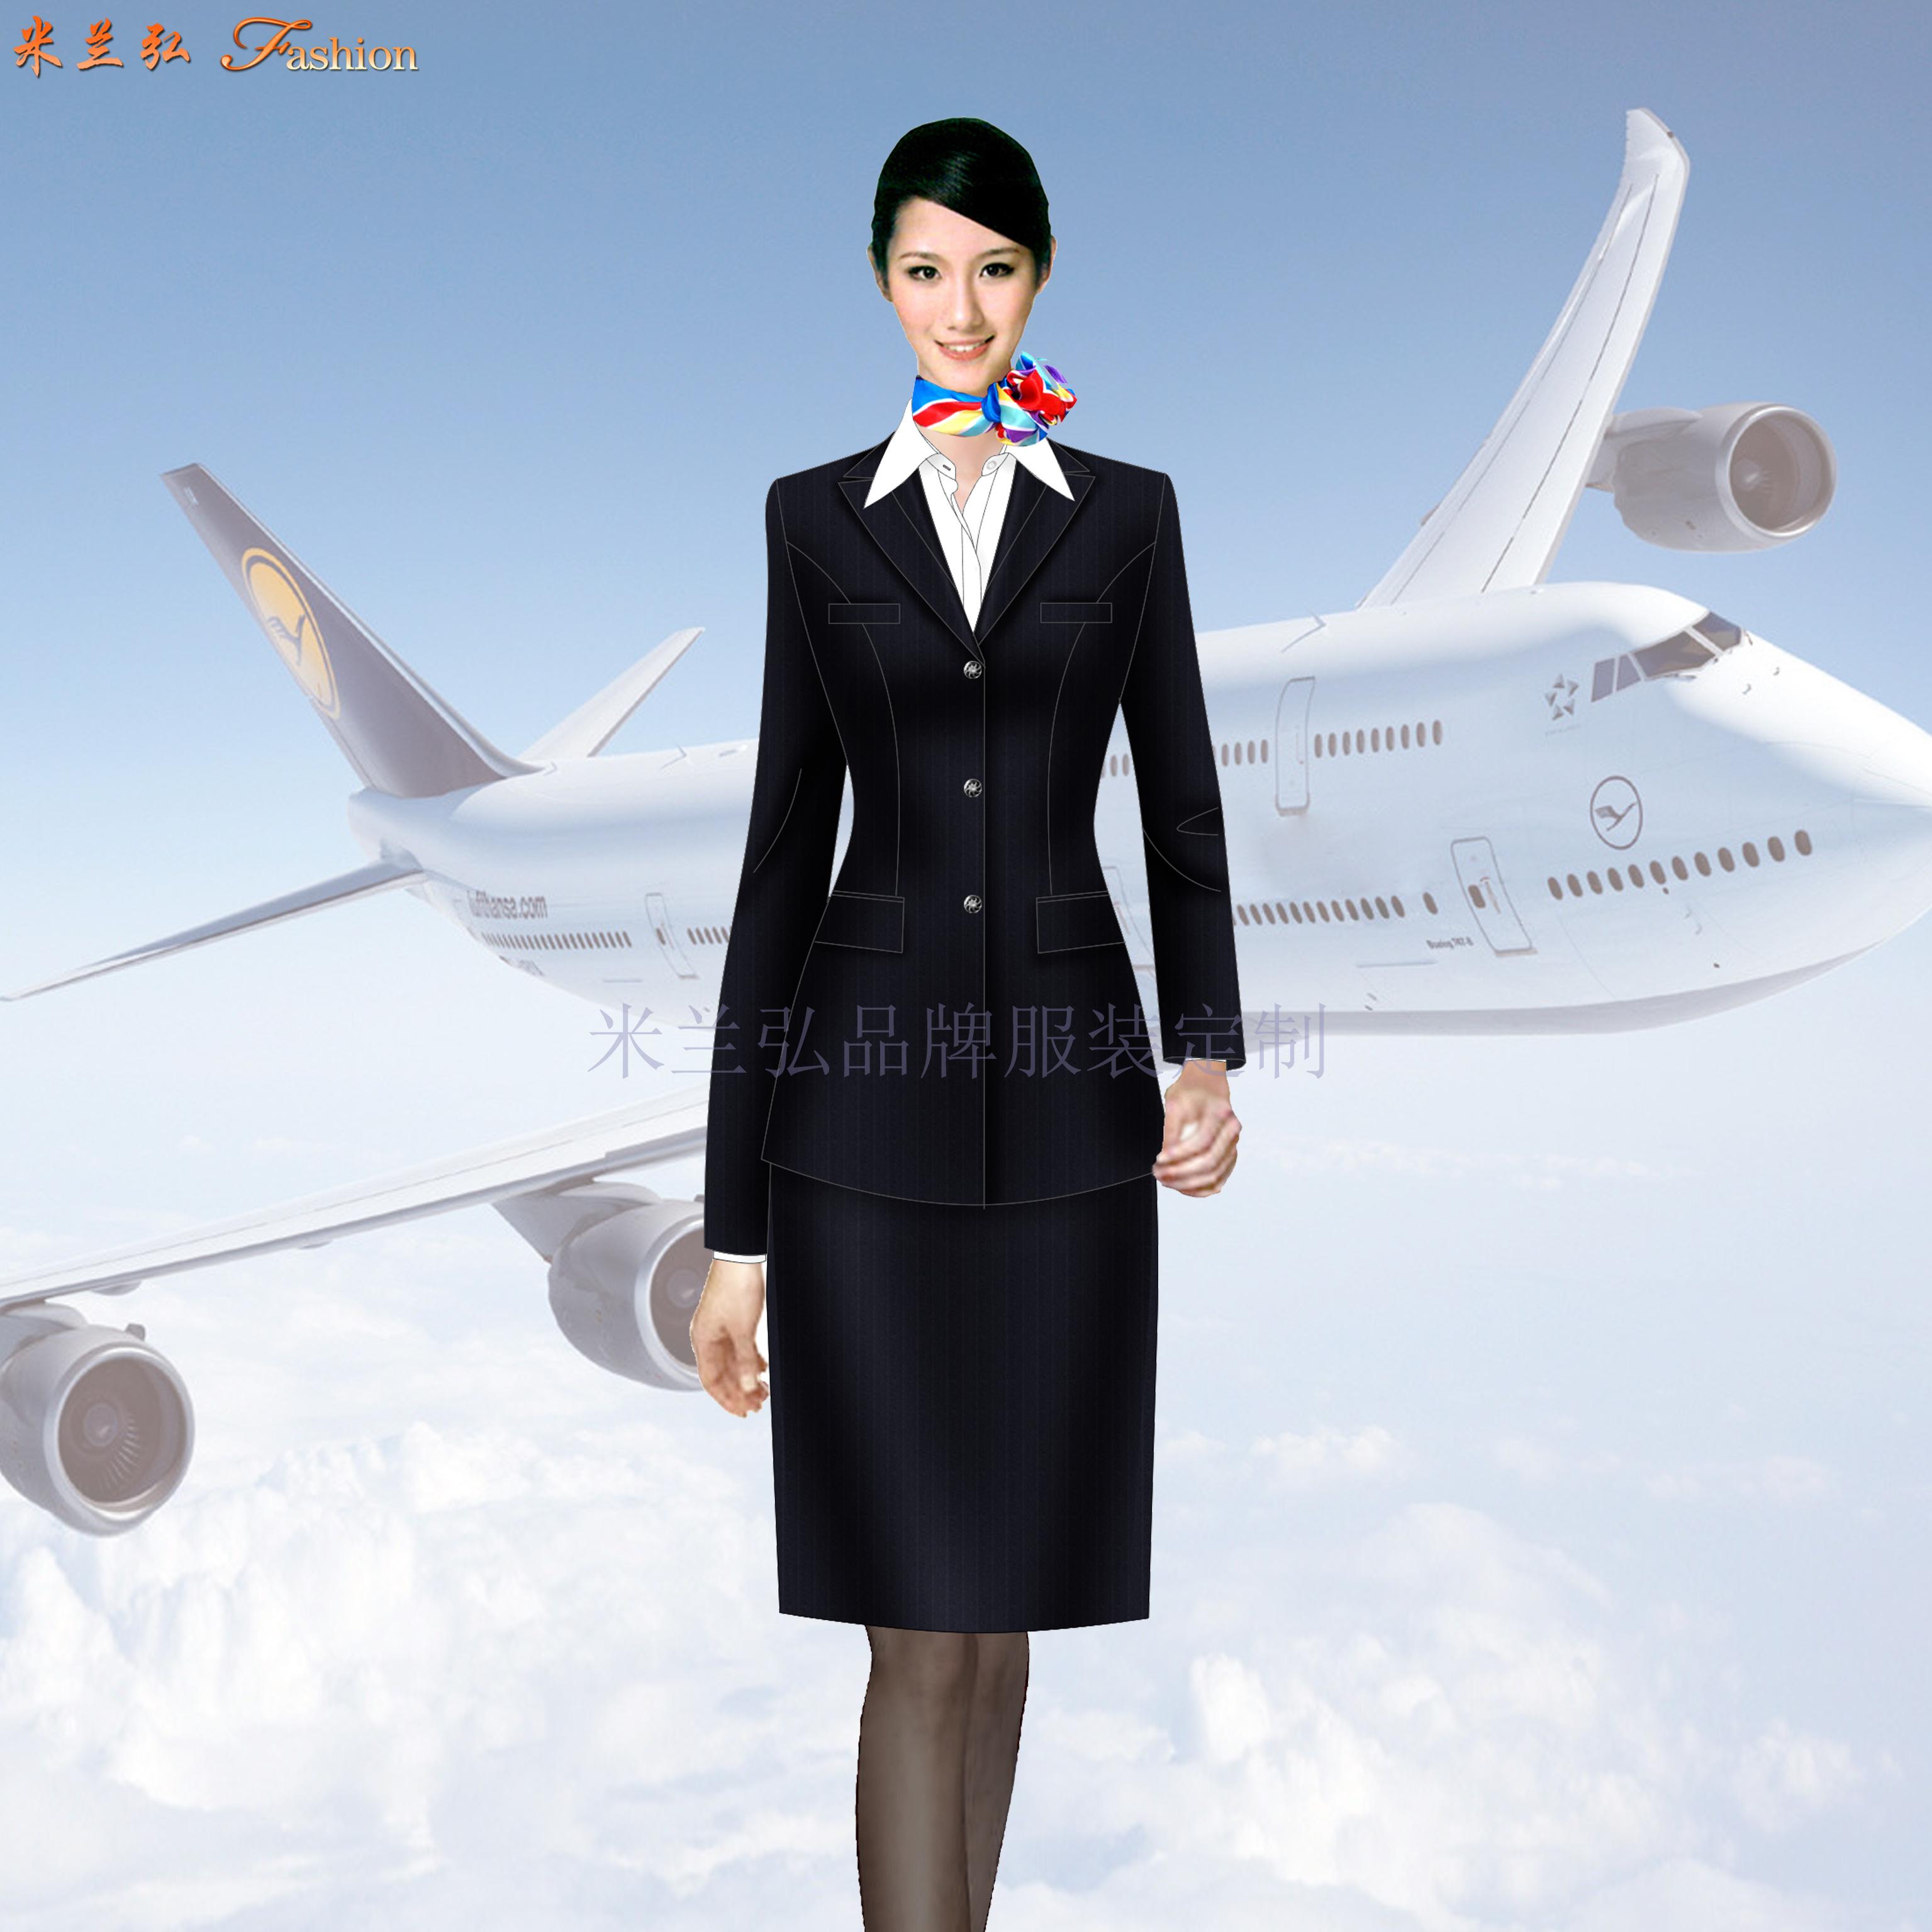 深圳寶安國際機場管理員行政西服定做-米蘭弘服裝廠家-4